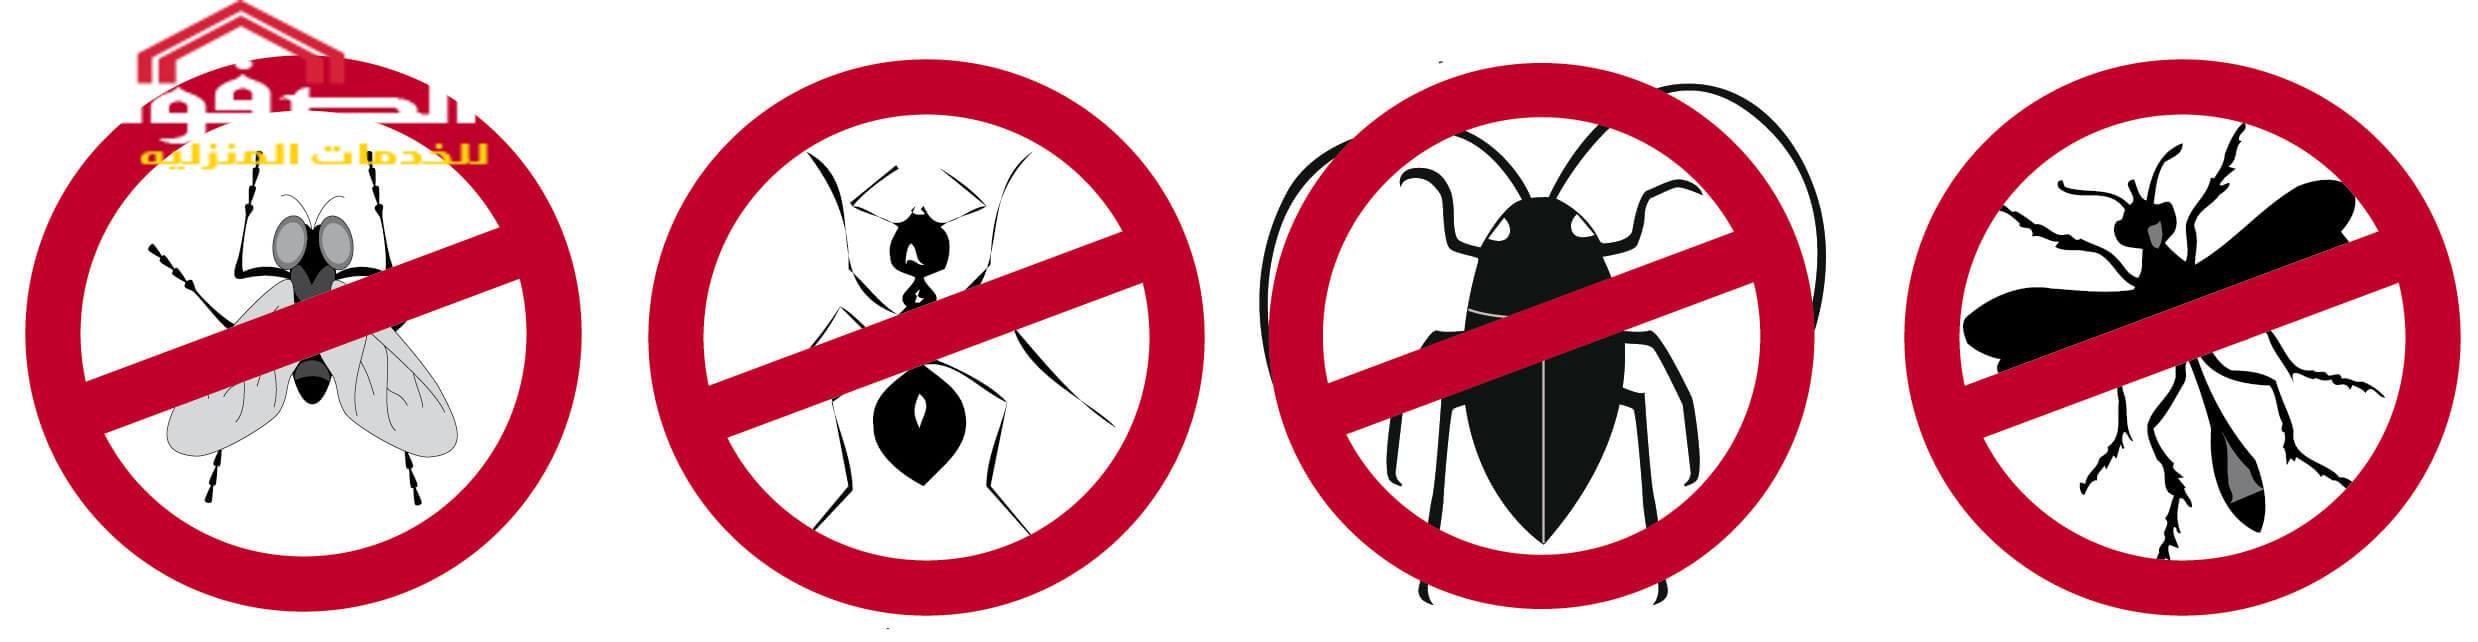 اهم طرق مكافحة الحشرات المنزلية